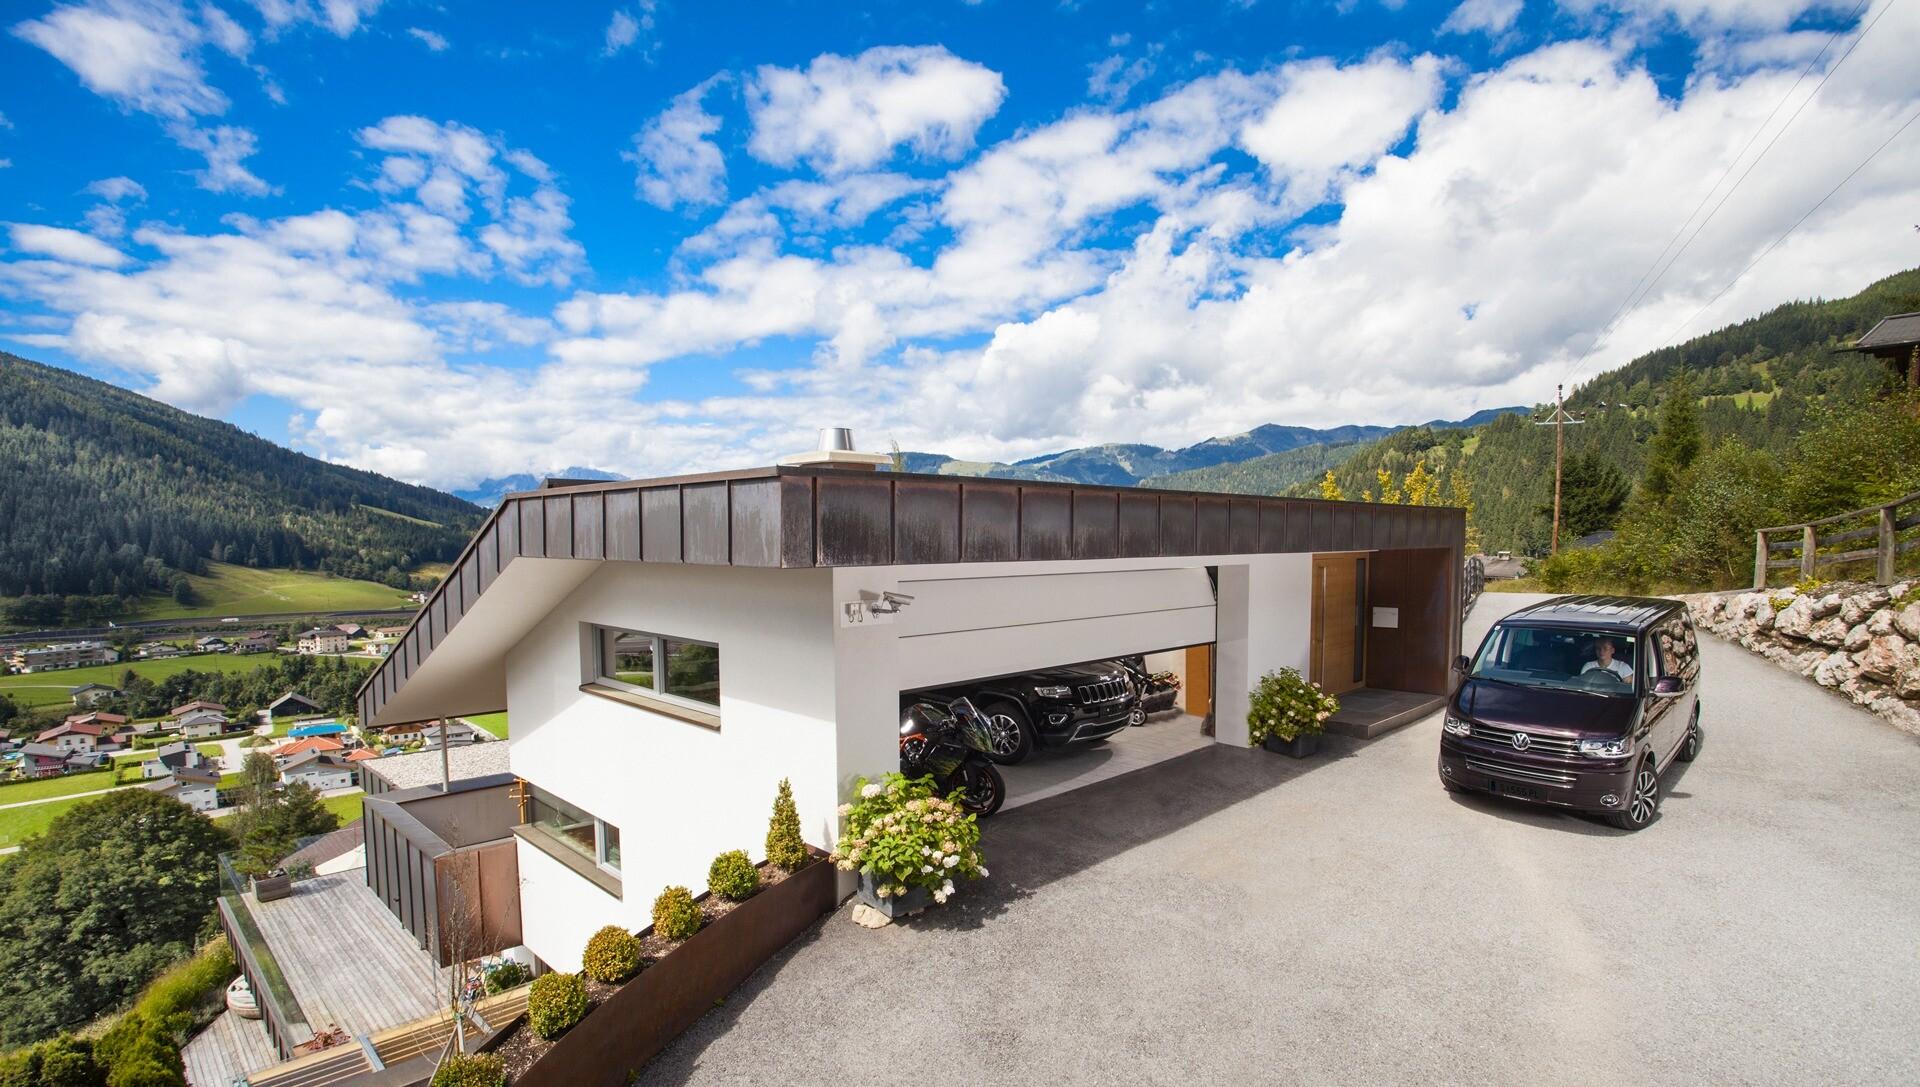 Комфорт, безопасность и стиль: обустраиваем идеальный гараж